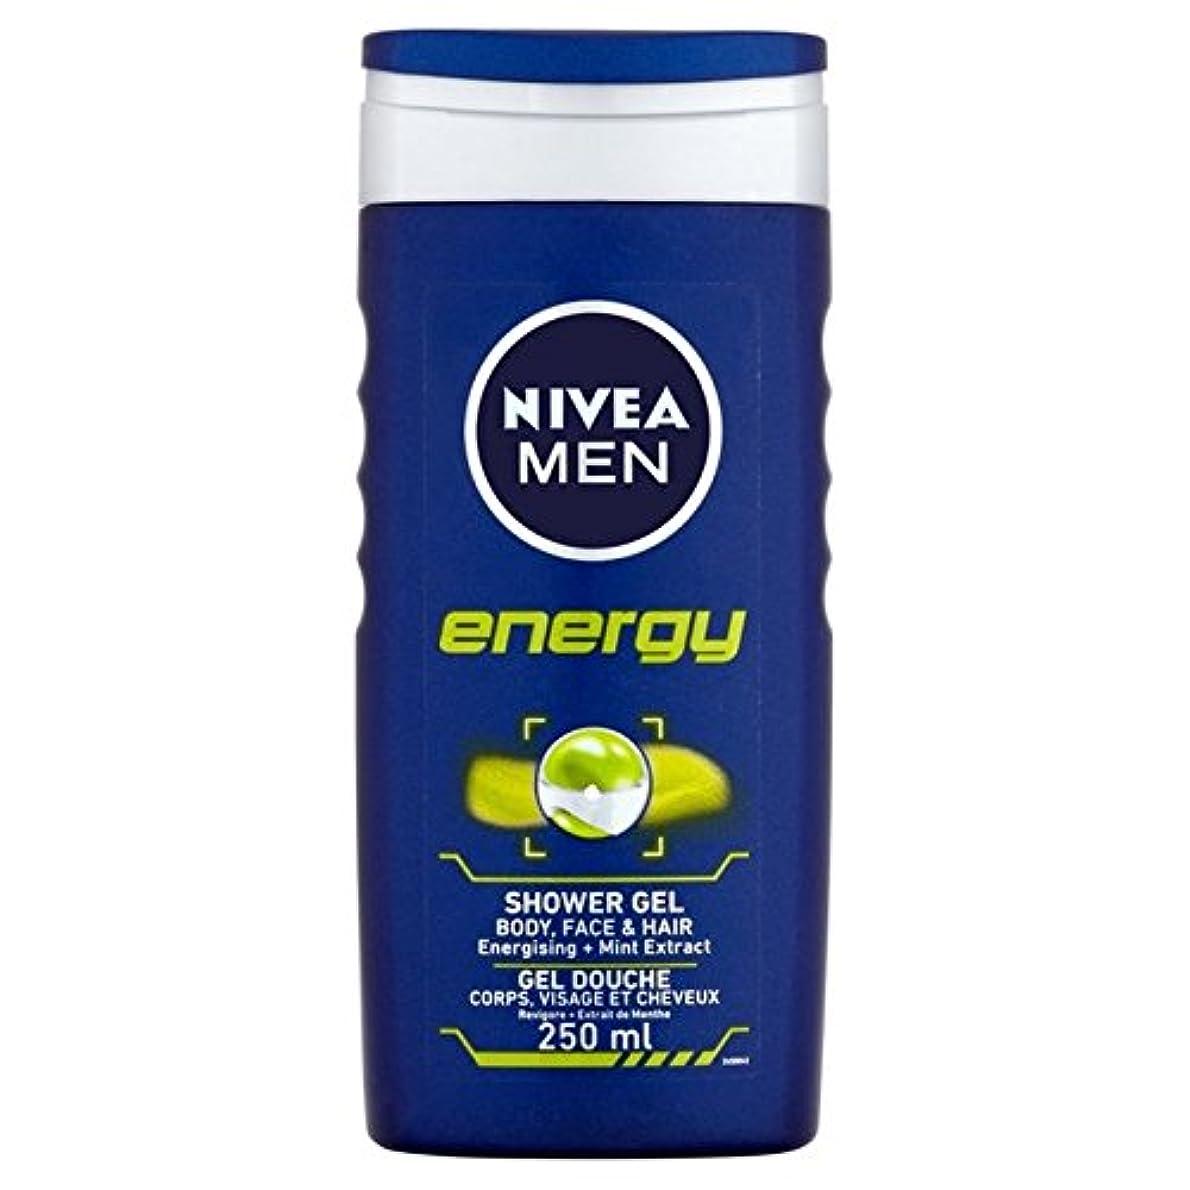 せがむトリクル飛躍Nivea Men Energy 2 in 1 Shower 250ml - 1つのシャワー250ミリリットル中ニベアの男性のエネルギー2 [並行輸入品]